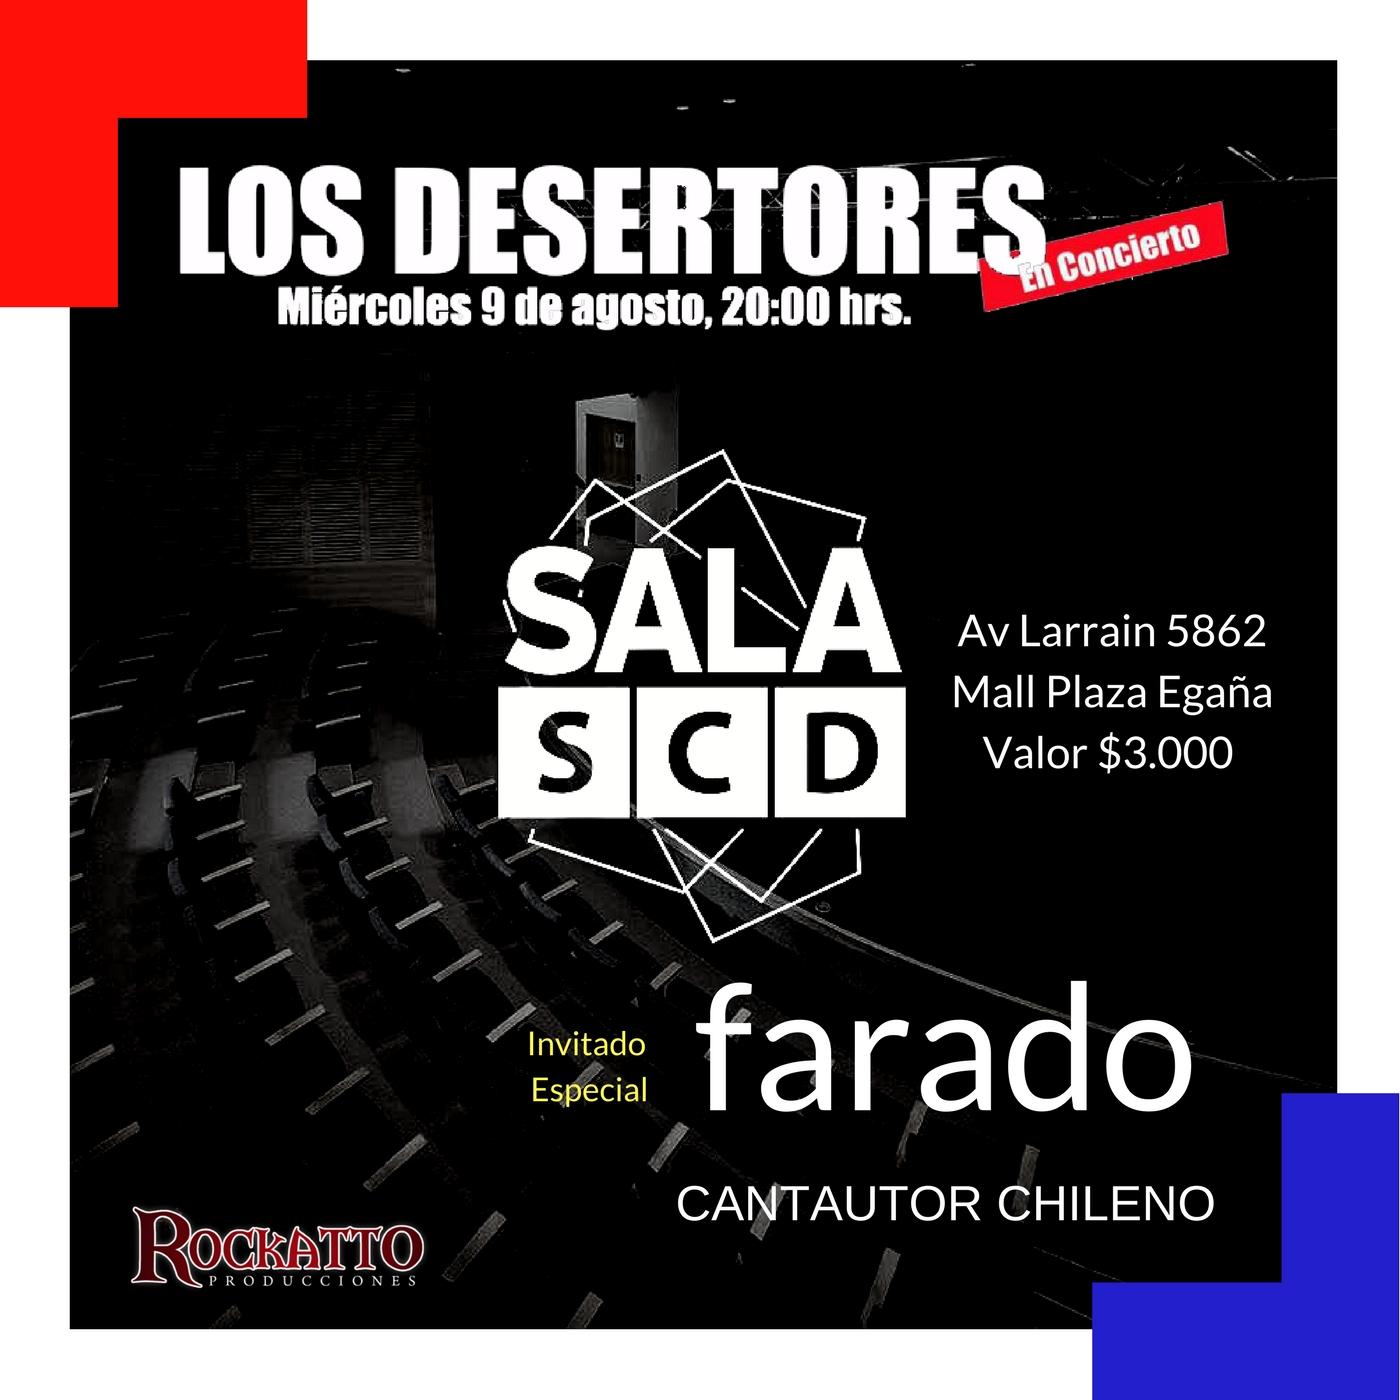 Farado SCD 1